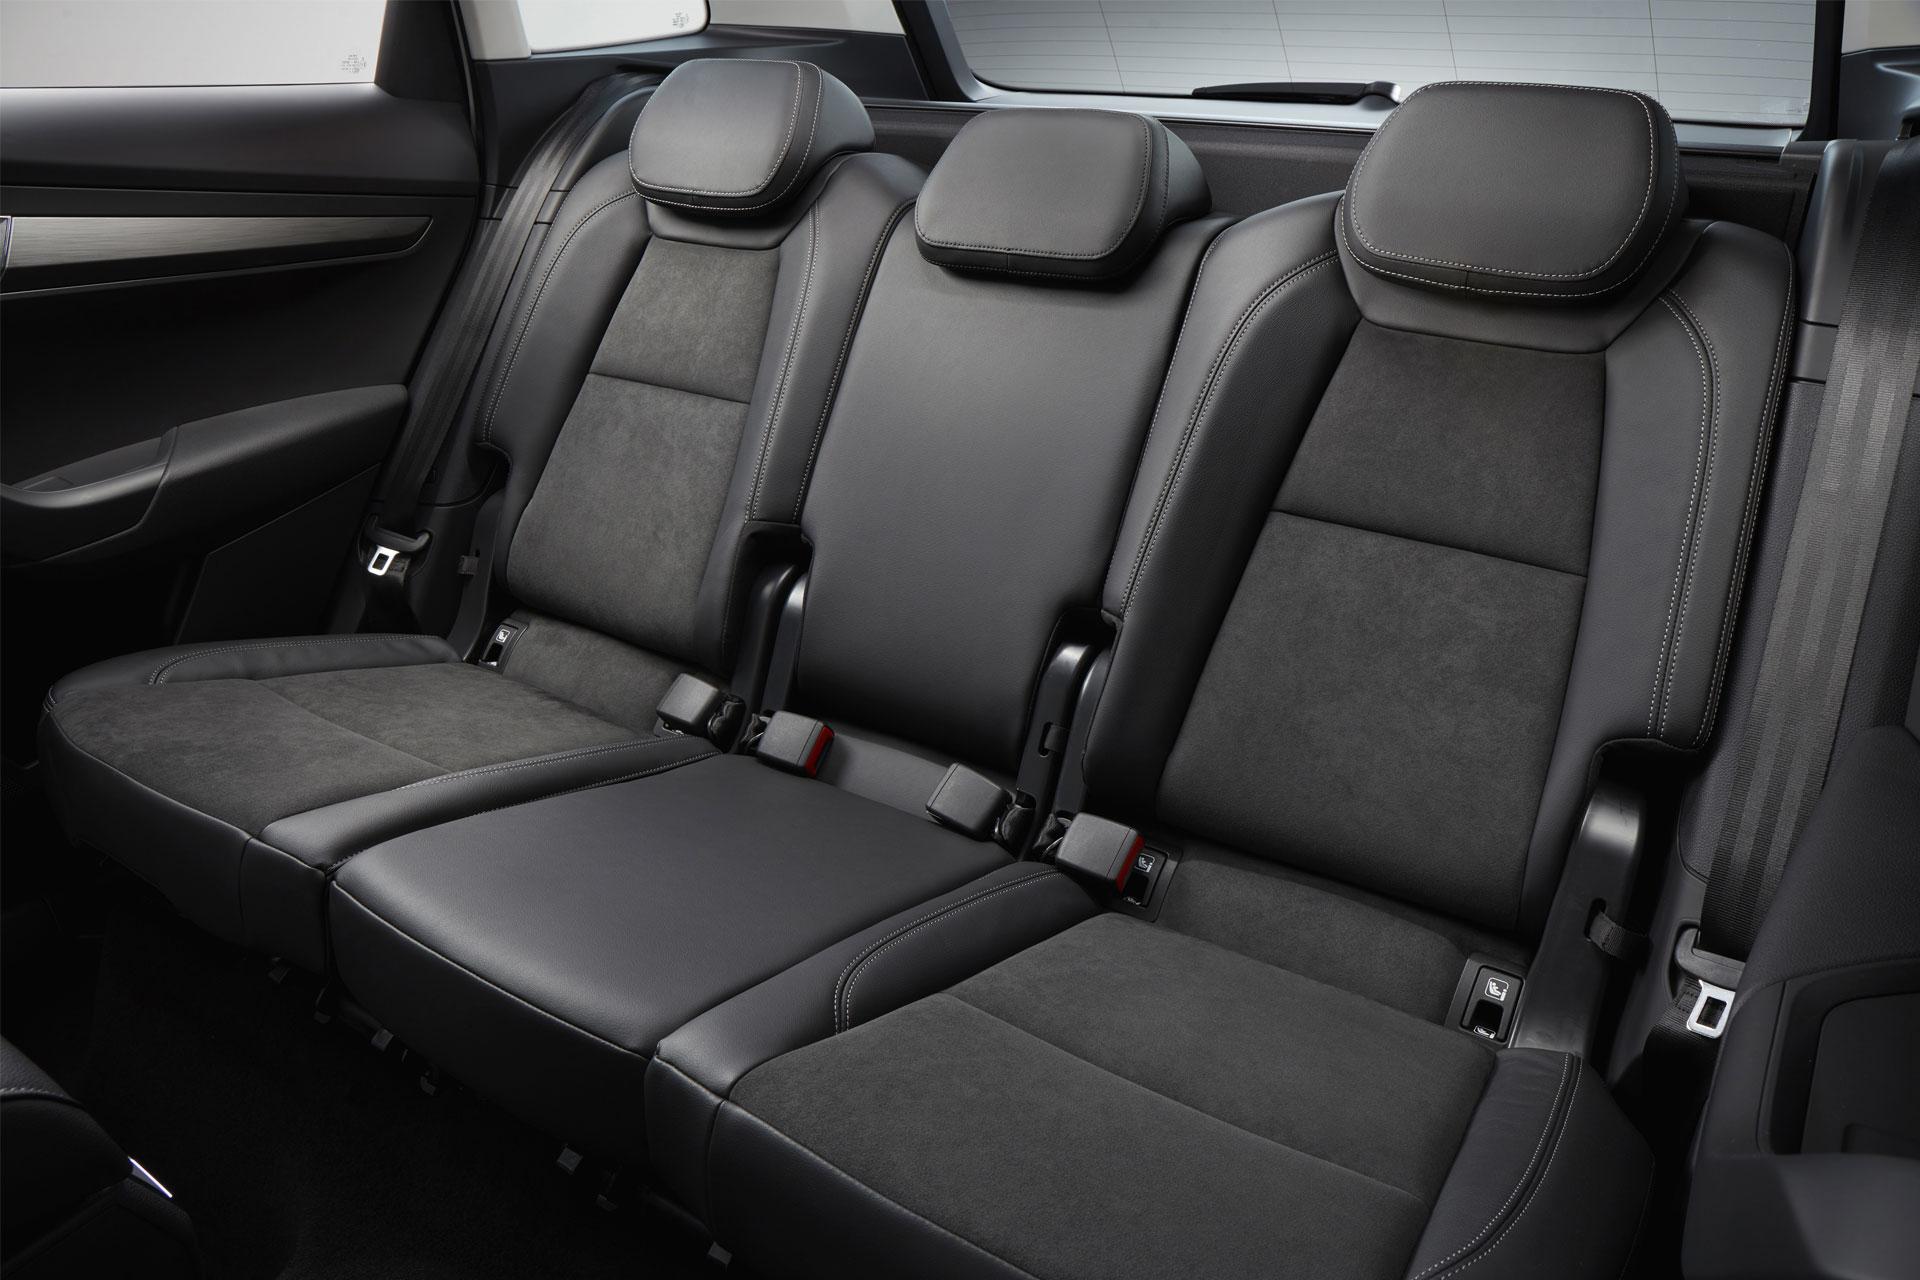 Volkswagen Tiguan 2017 Model >> Skoda Karoq interior and exterior image gallery - Autodevot